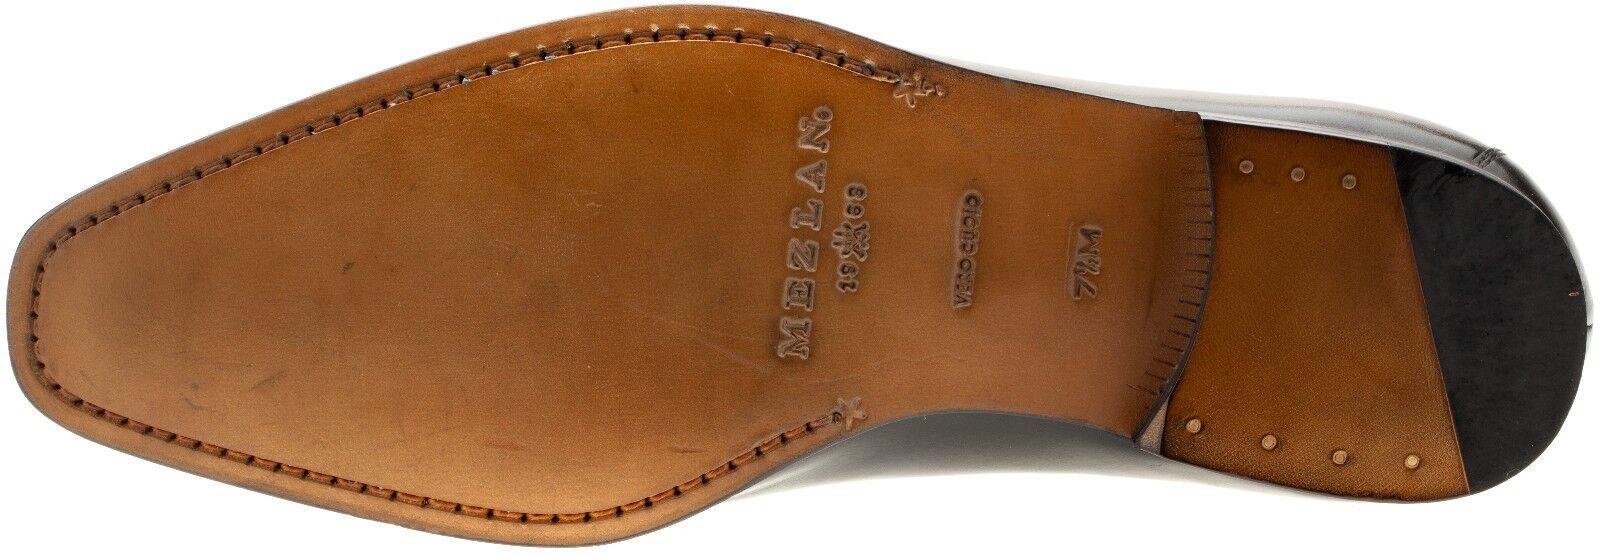 Mezlan Hombre Cuero Negro 16098 Sin Cordones Cordones Cordones Mocasín Zapato de vestido 7990c7